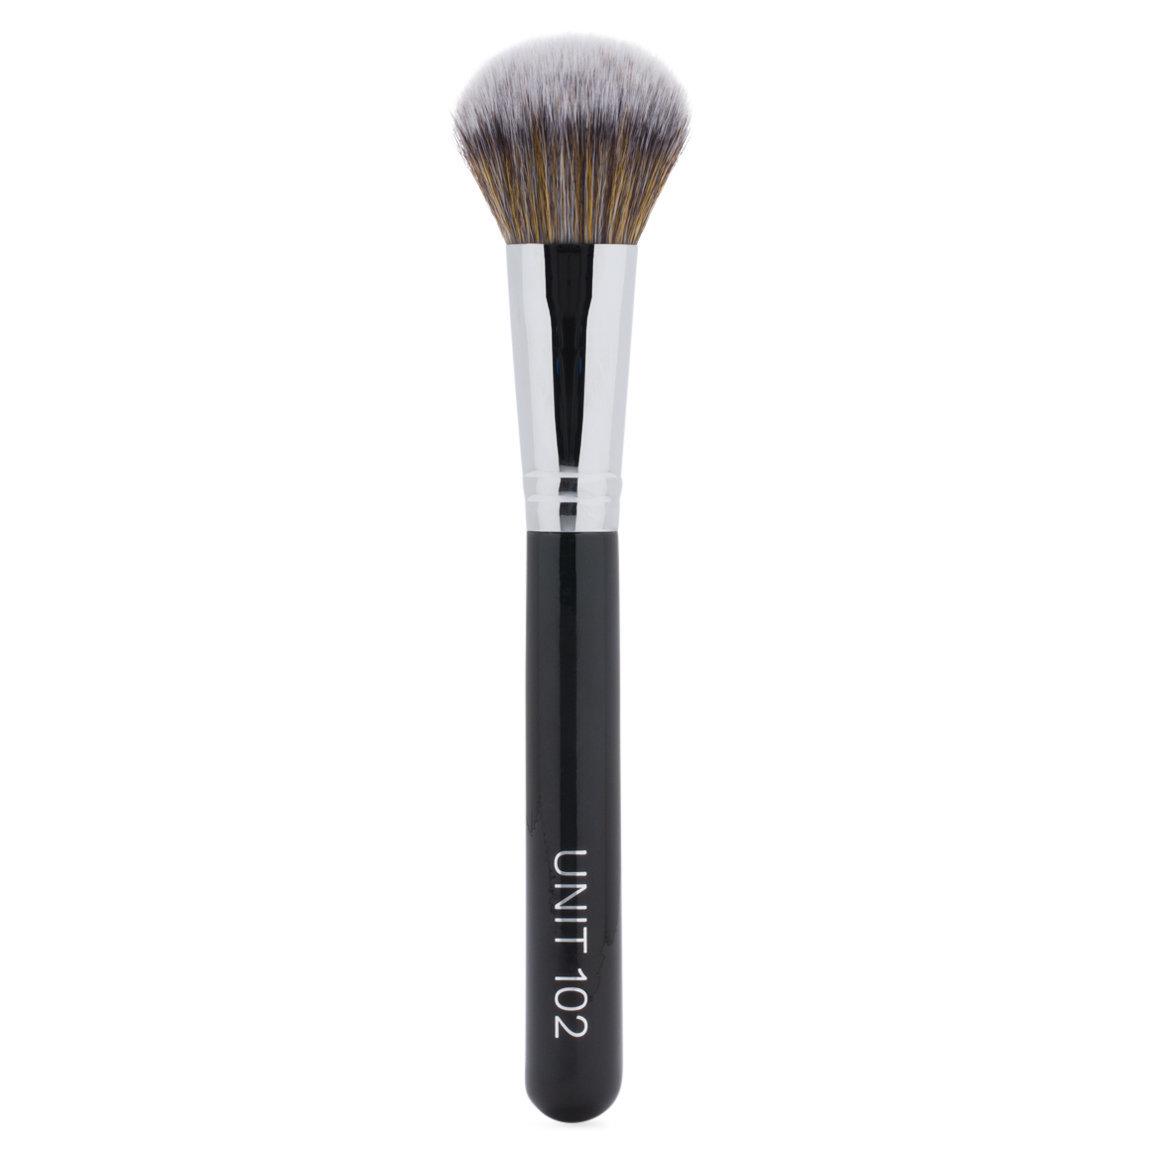 UNITS UNIT 102 Foundation Brush product swatch.